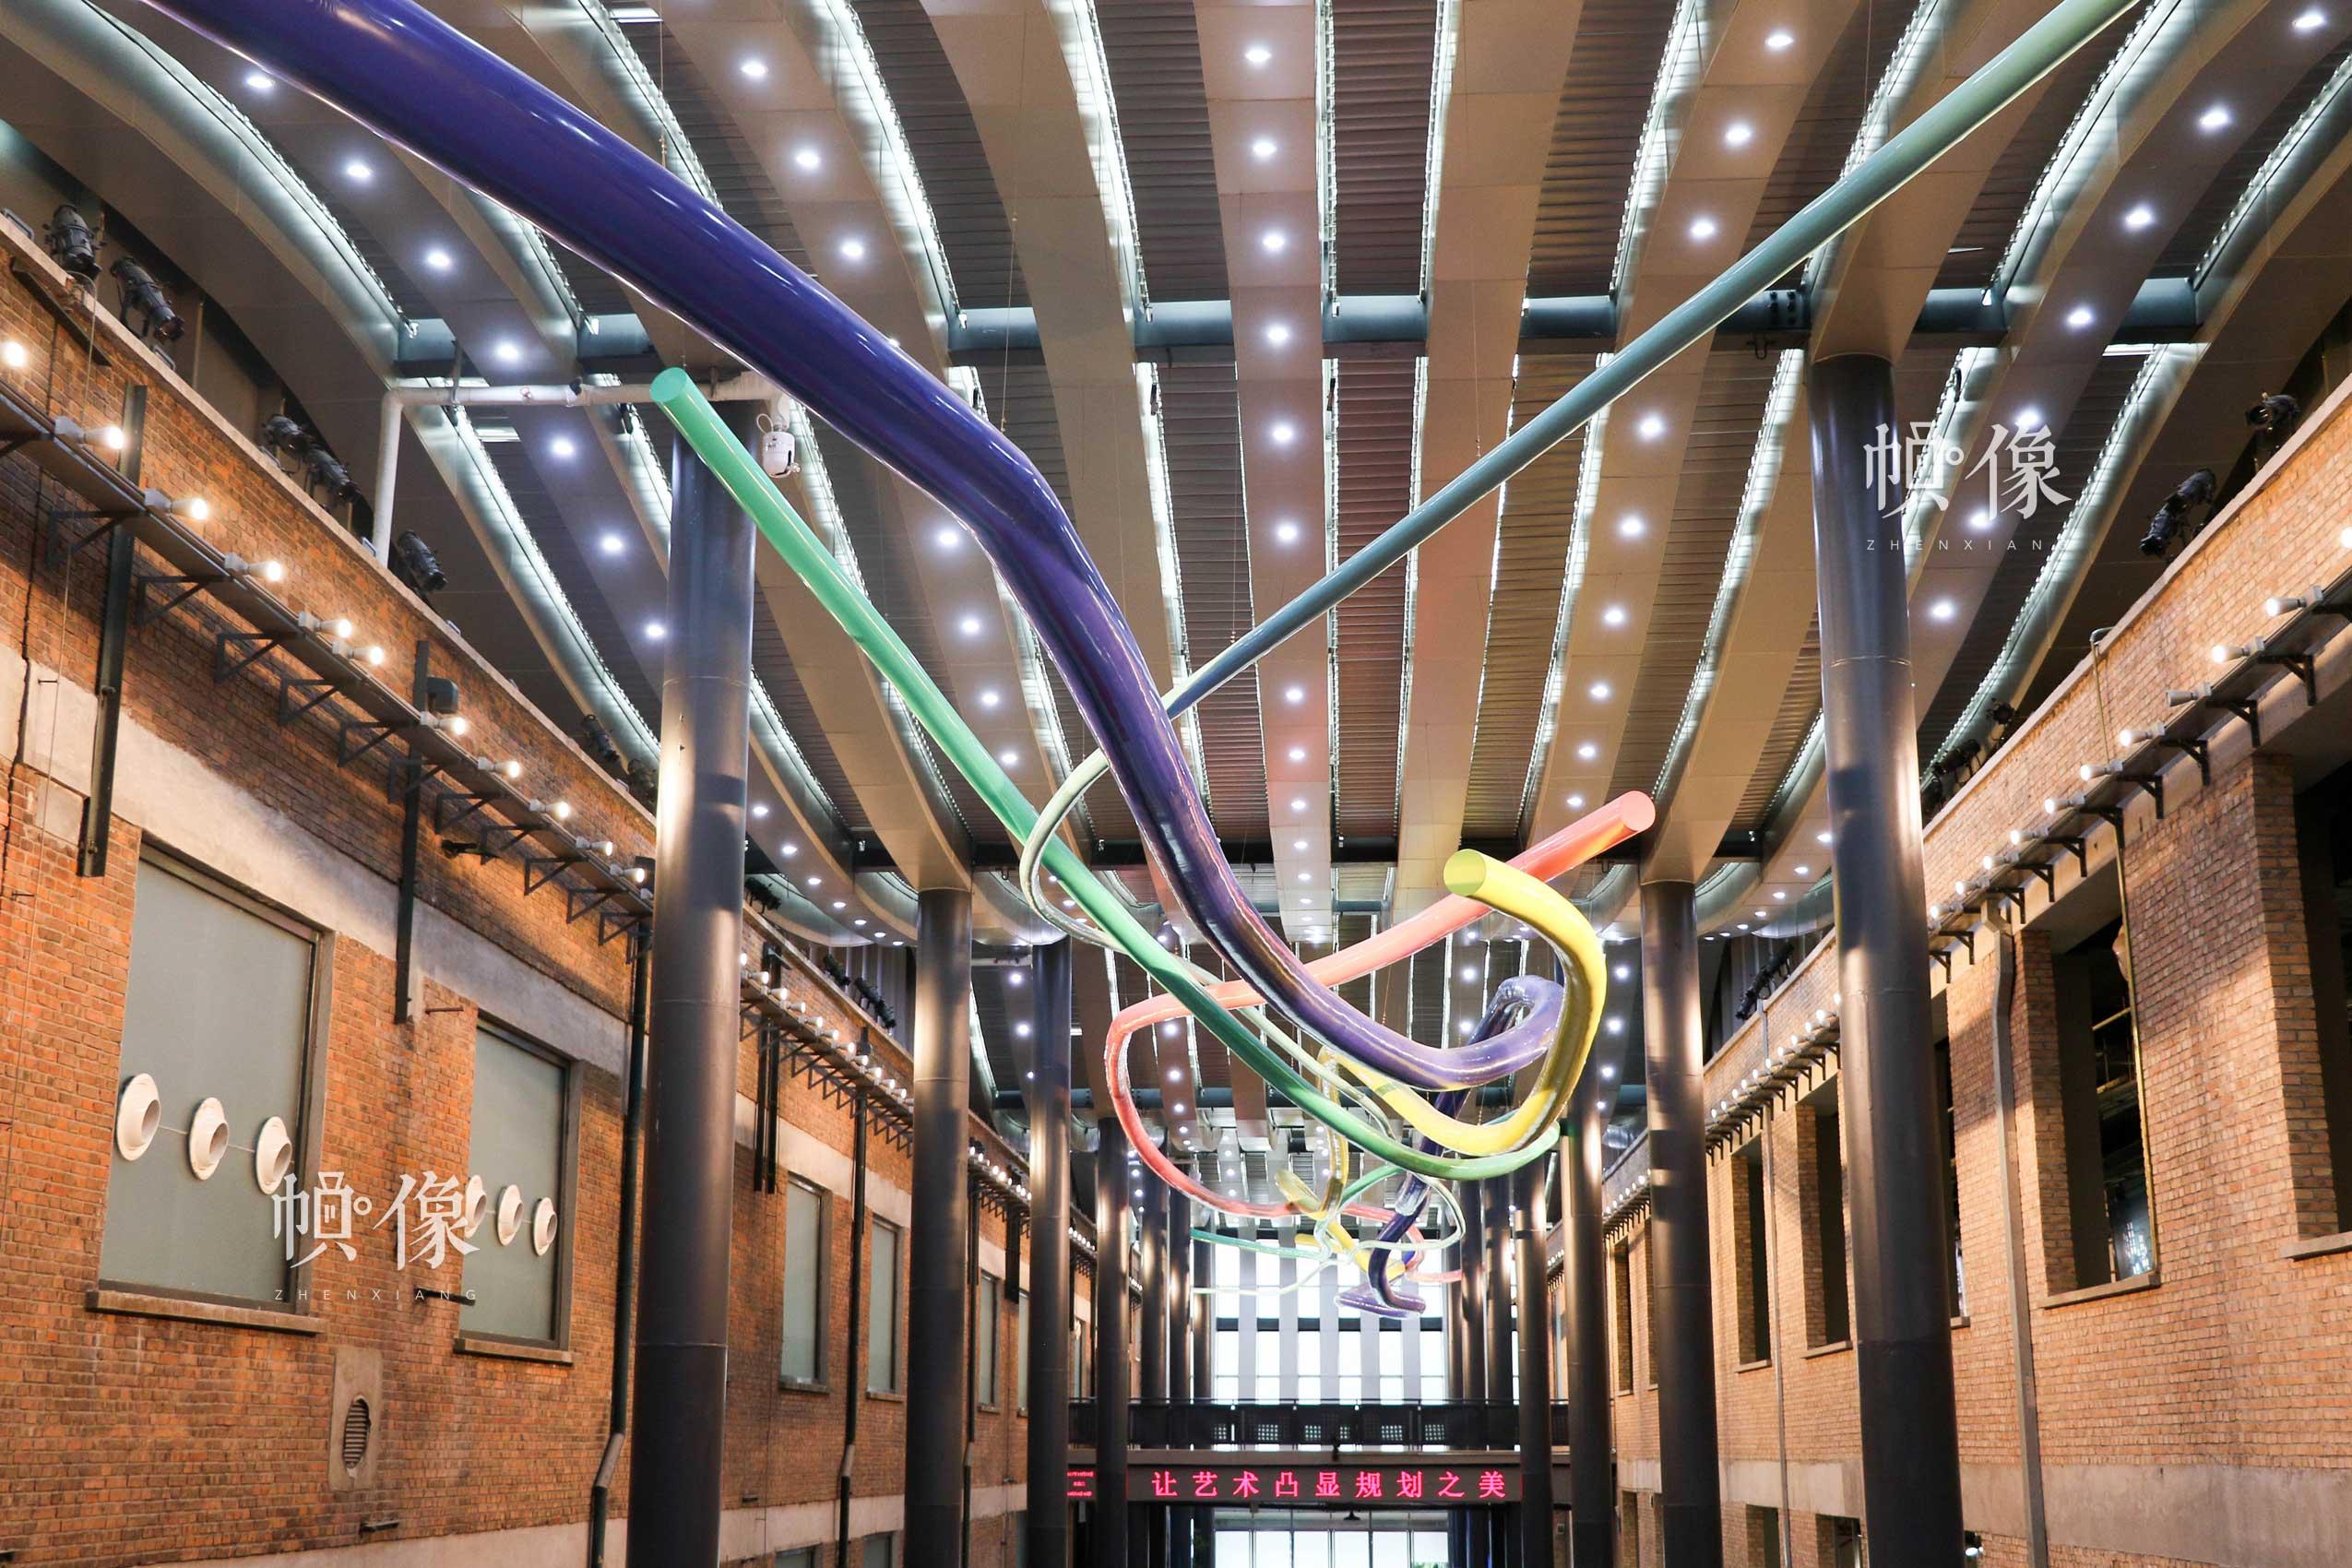 朝阳规划艺术馆主展区天花板上设计五条不同颜色线条,寓意奥运五环的五种颜色。中国网记者 赵超 摄